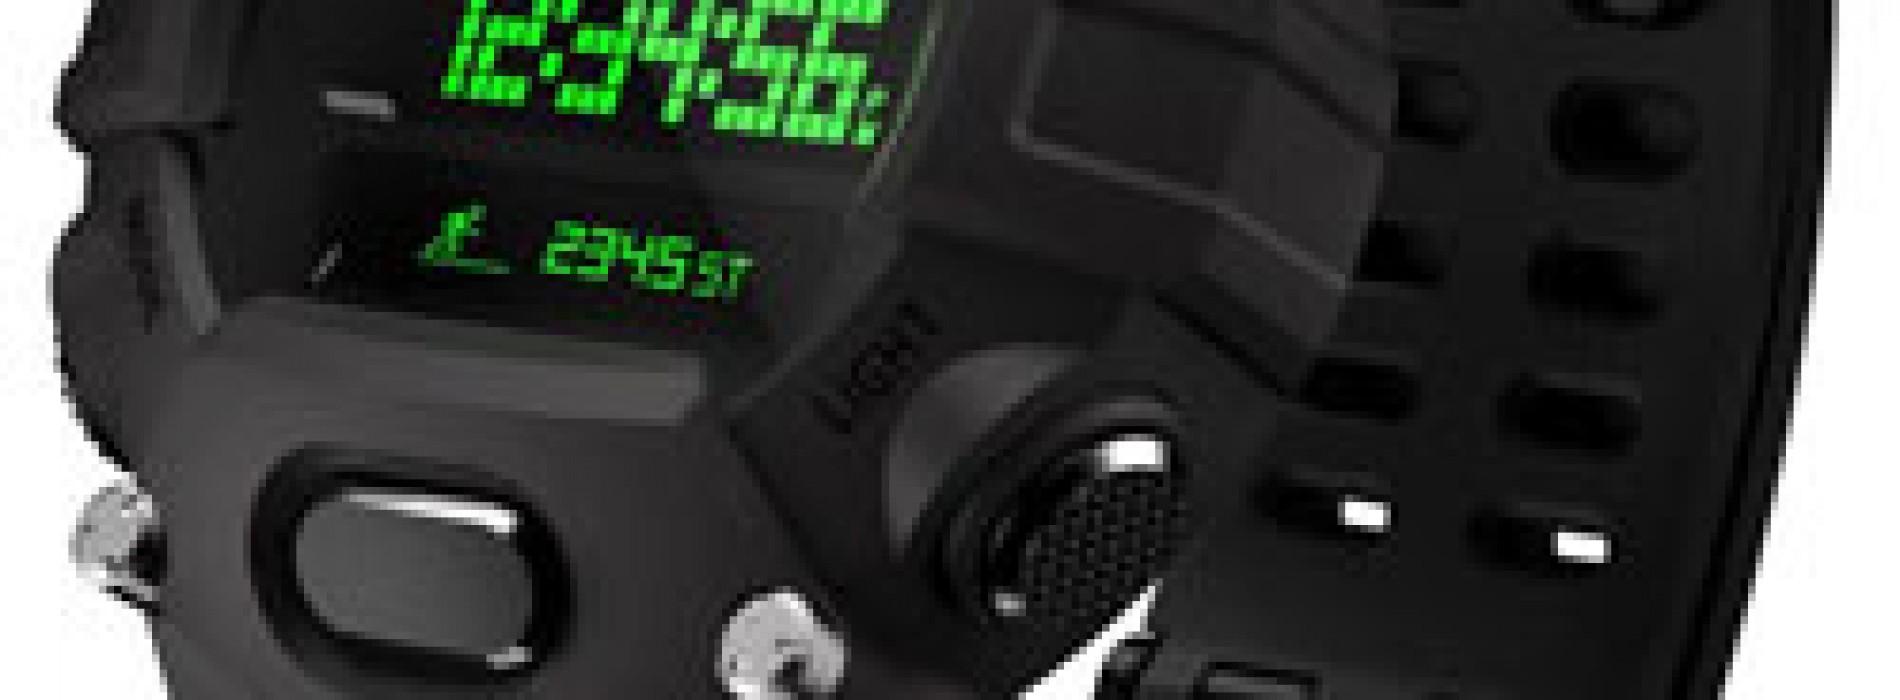 9d4c56050d98 Nabu Watch reloj digital con funciones inteligentes